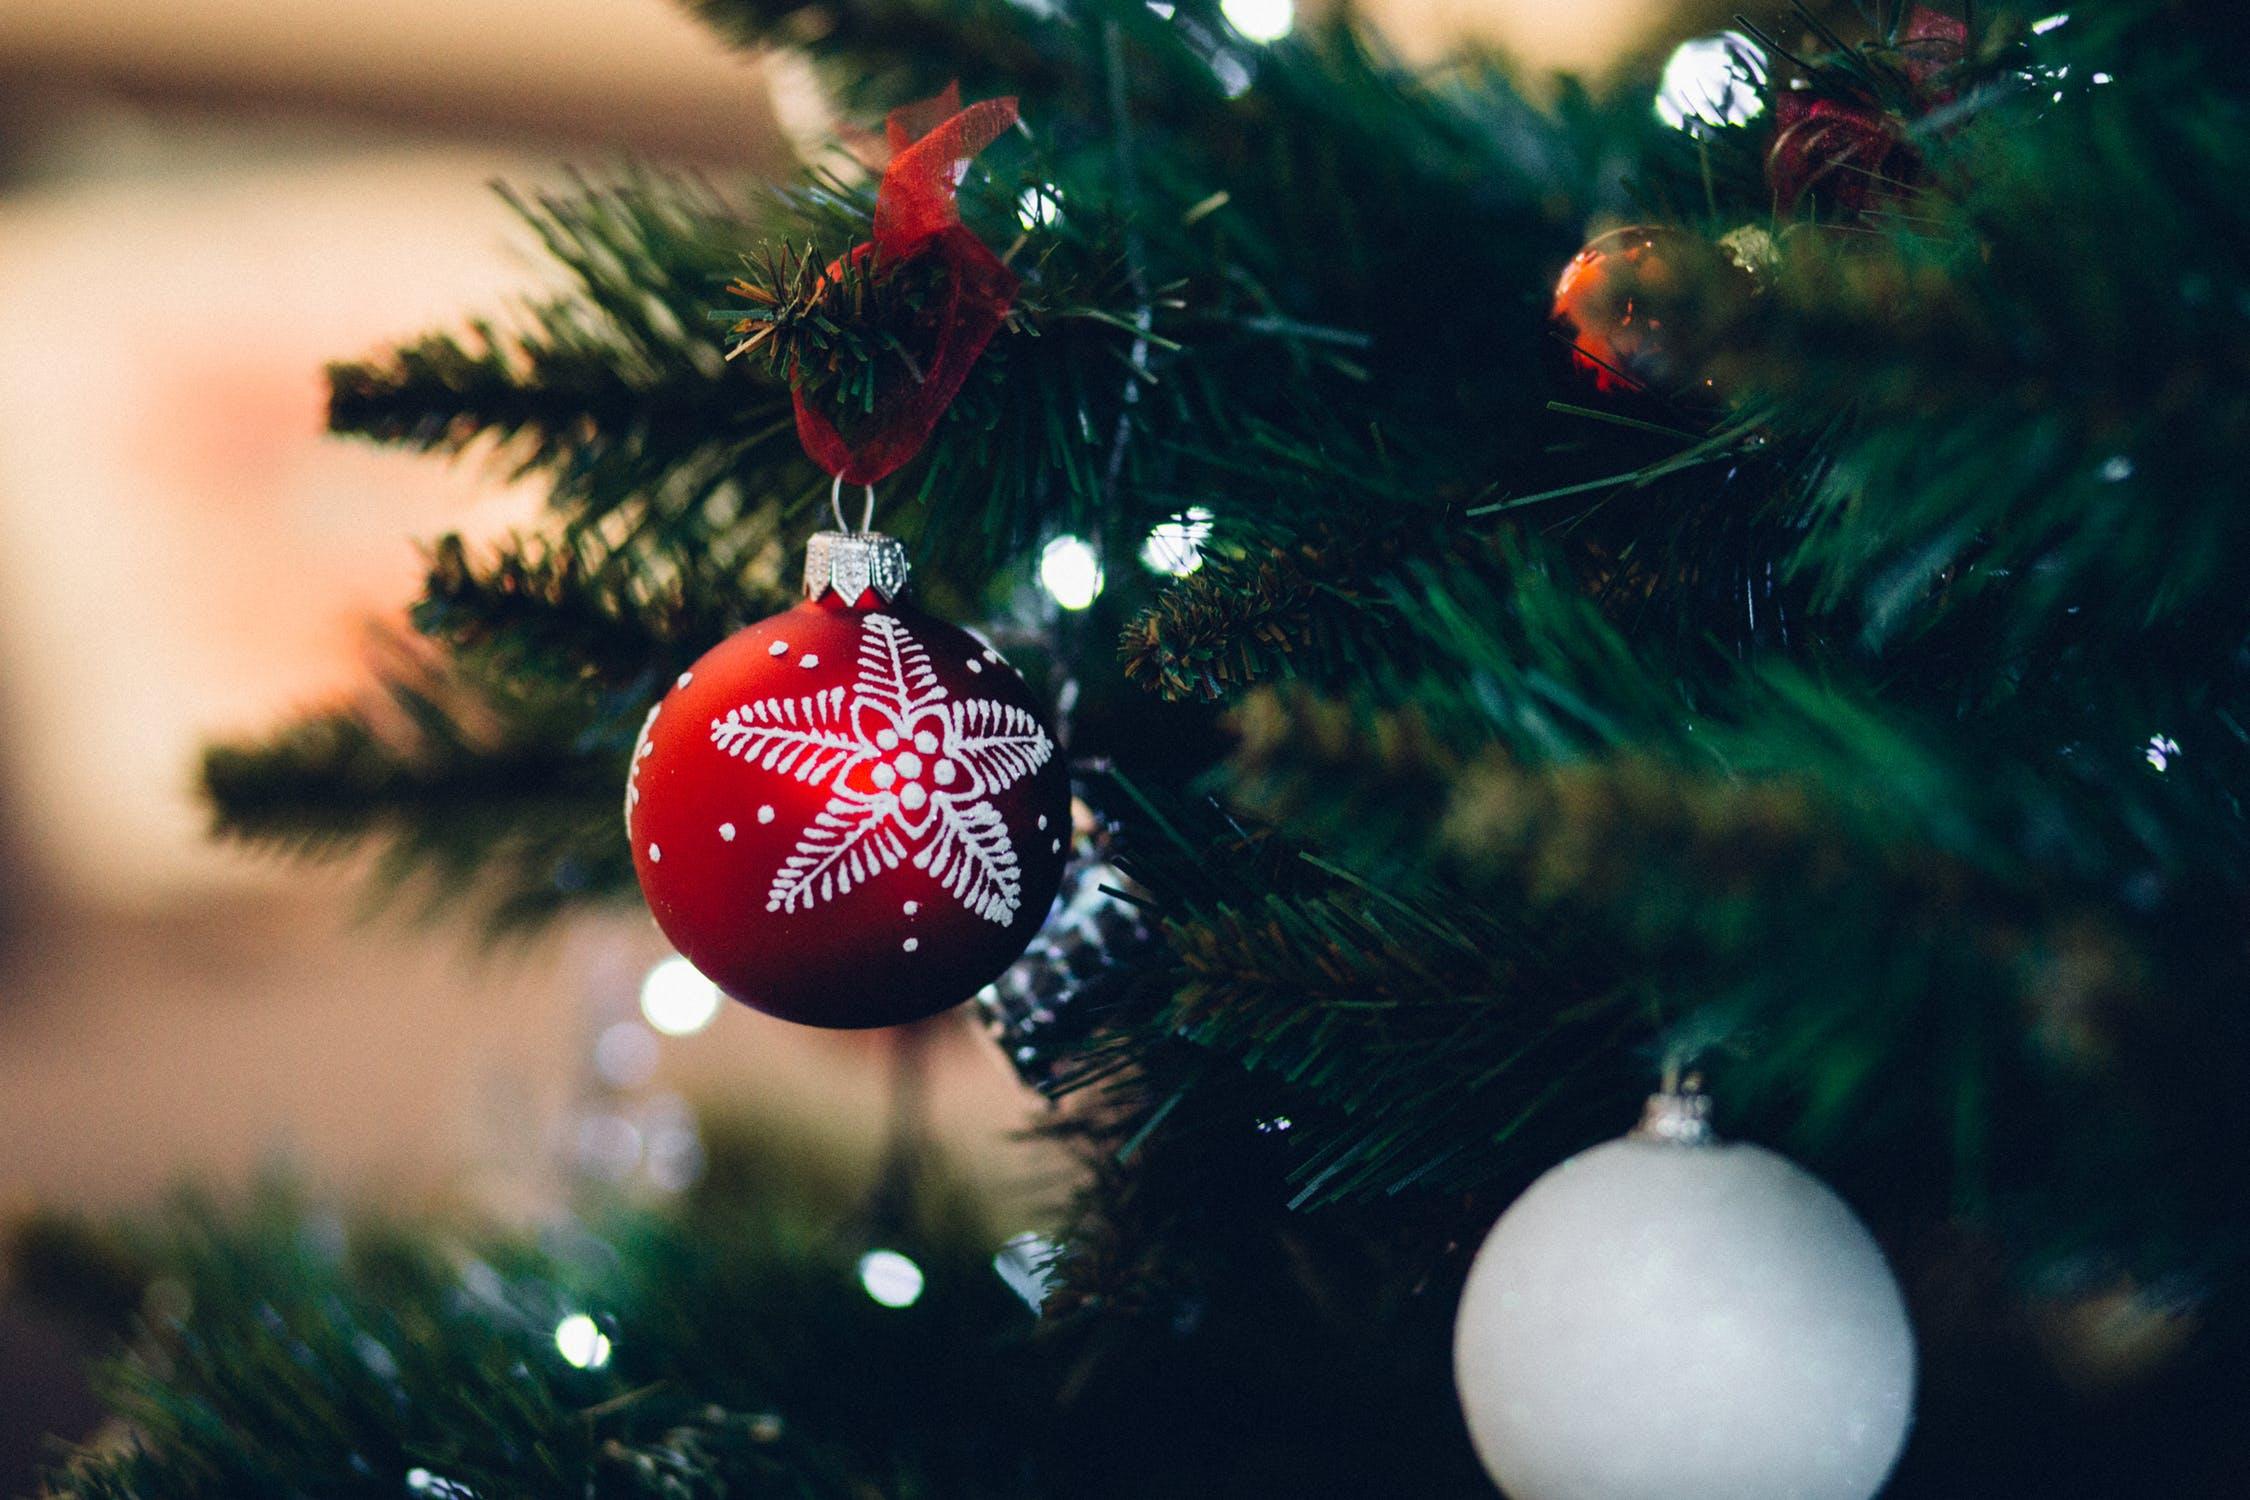 Cómo decorar tu árbol de Navidad y que quede perfecto 2